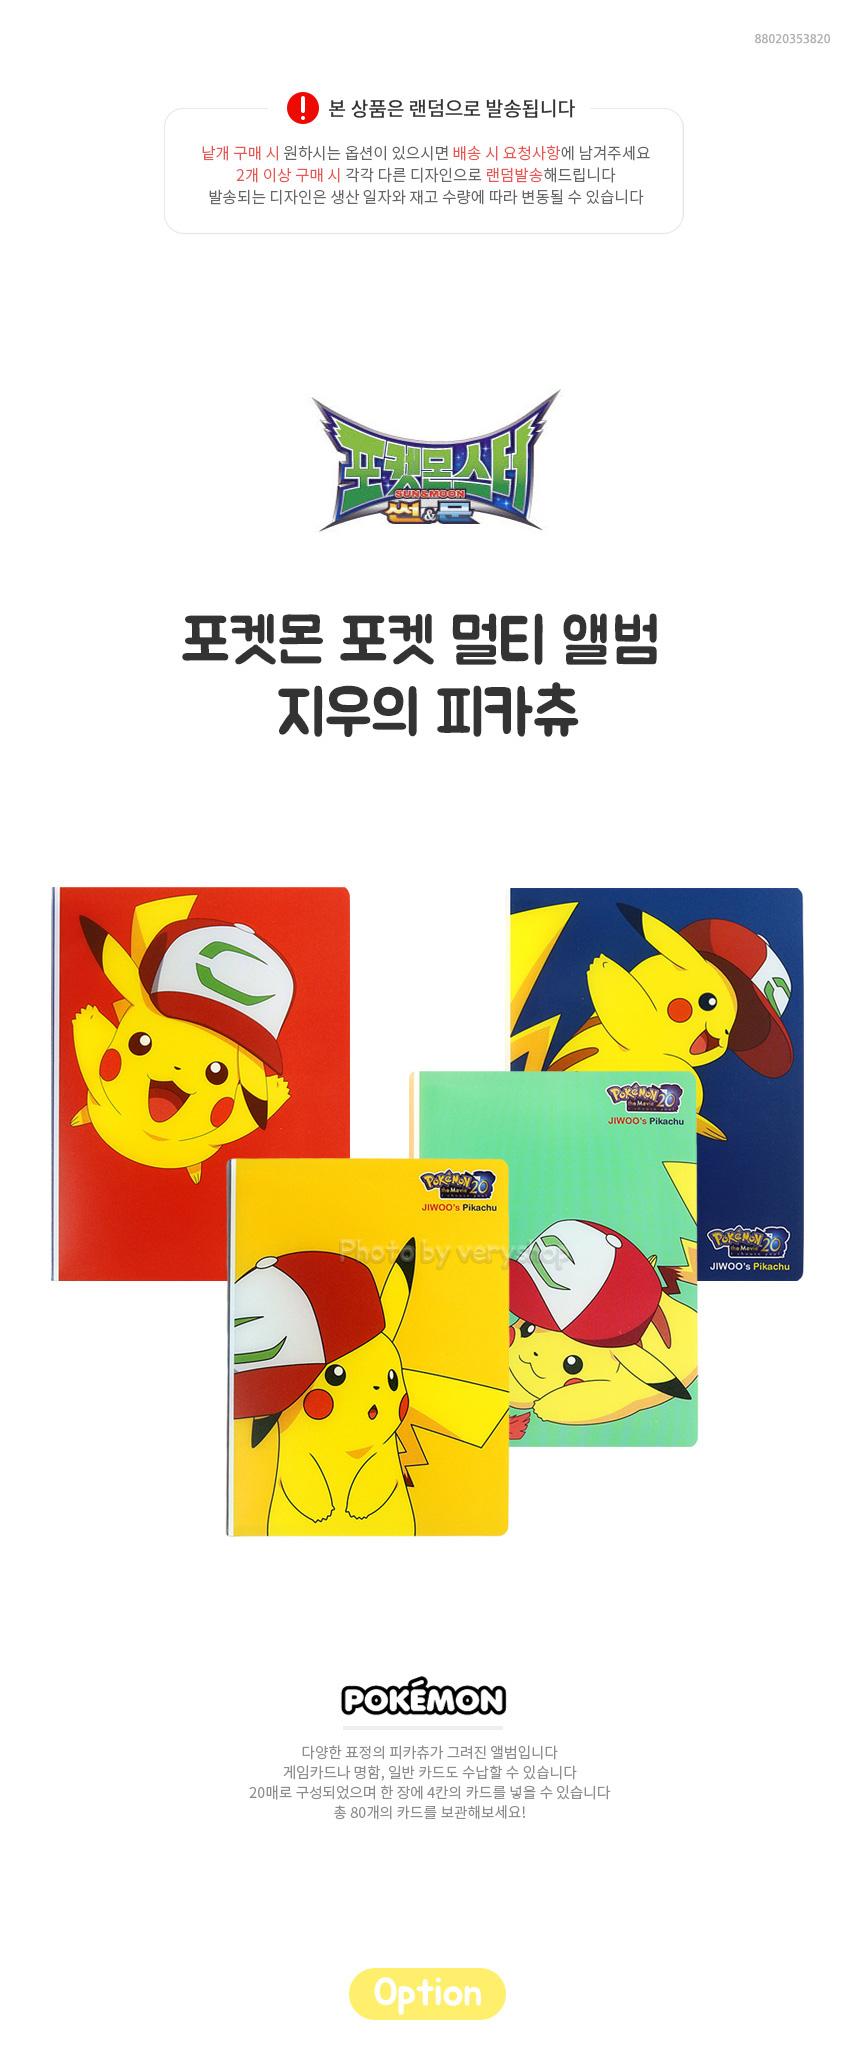 포켓몬 포켓 멀티 앨범 (랜덤발송) 지우의피카츄 - 베리샵, 3,500원, 포켓앨범, 캐릭터